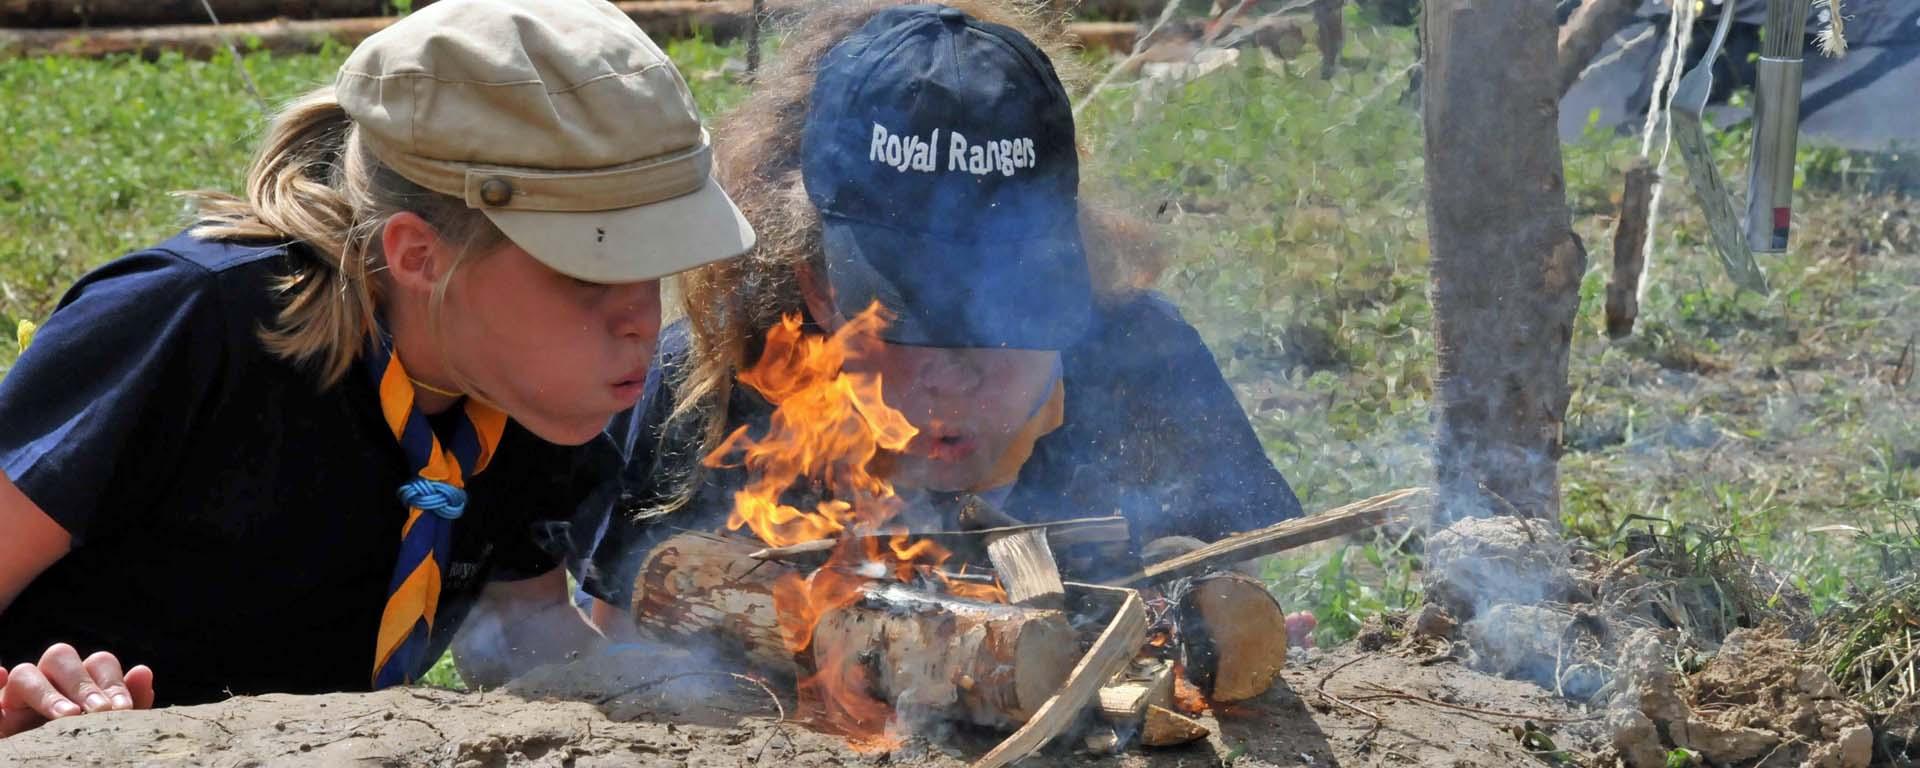 Feuermachen will gelernt sein